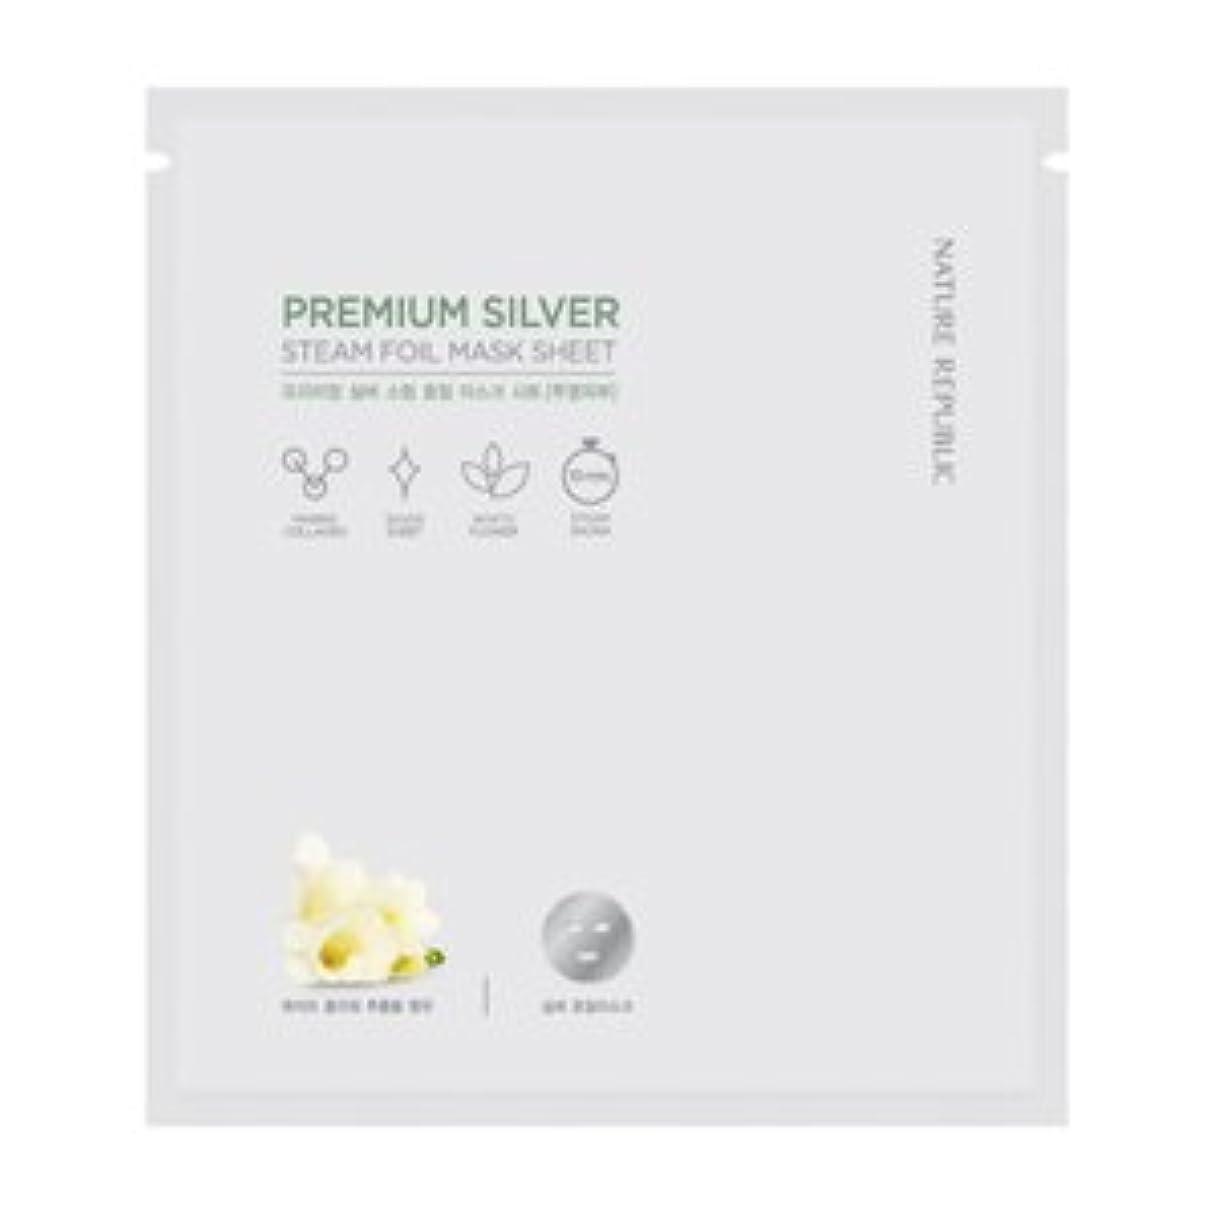 共和国品種分離Nature Republic Premium silver Steam Foil Mask Sheet [5ea] ネーチャーリパブリック プレミアムシルバースチームホイルマスクシート [5枚] [並行輸入品]